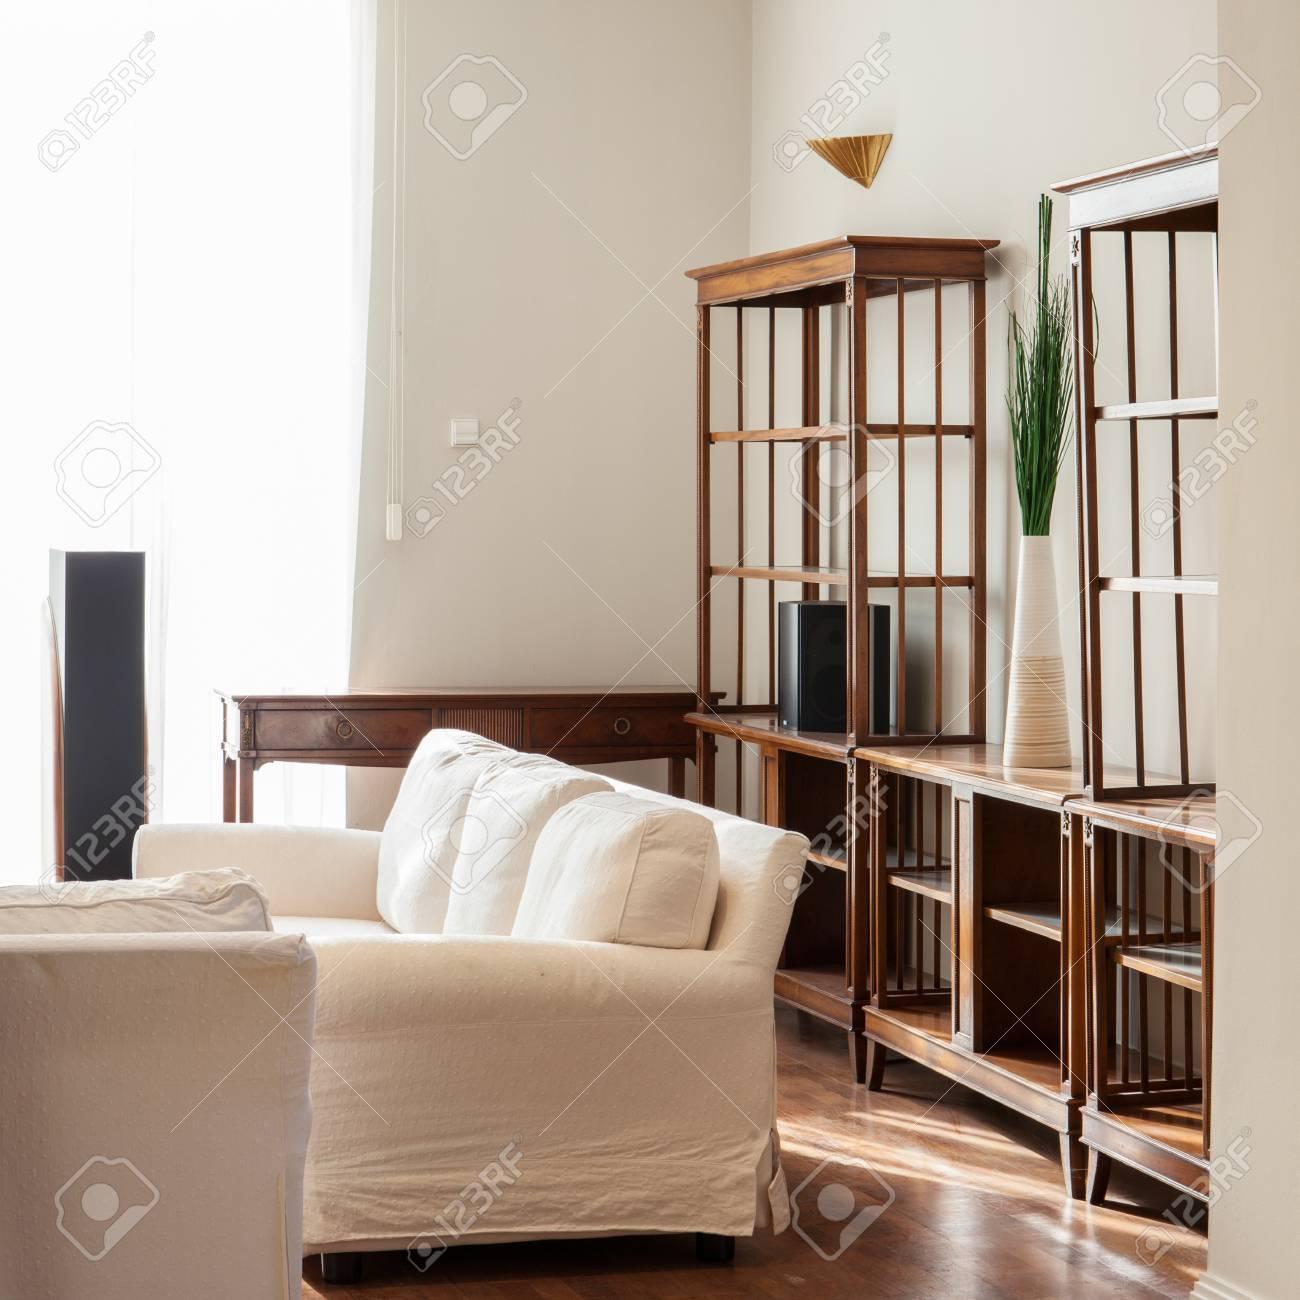 Helle Familienzimmer Mit Holzboden Und Weißen Couch Lizenzfreie ...